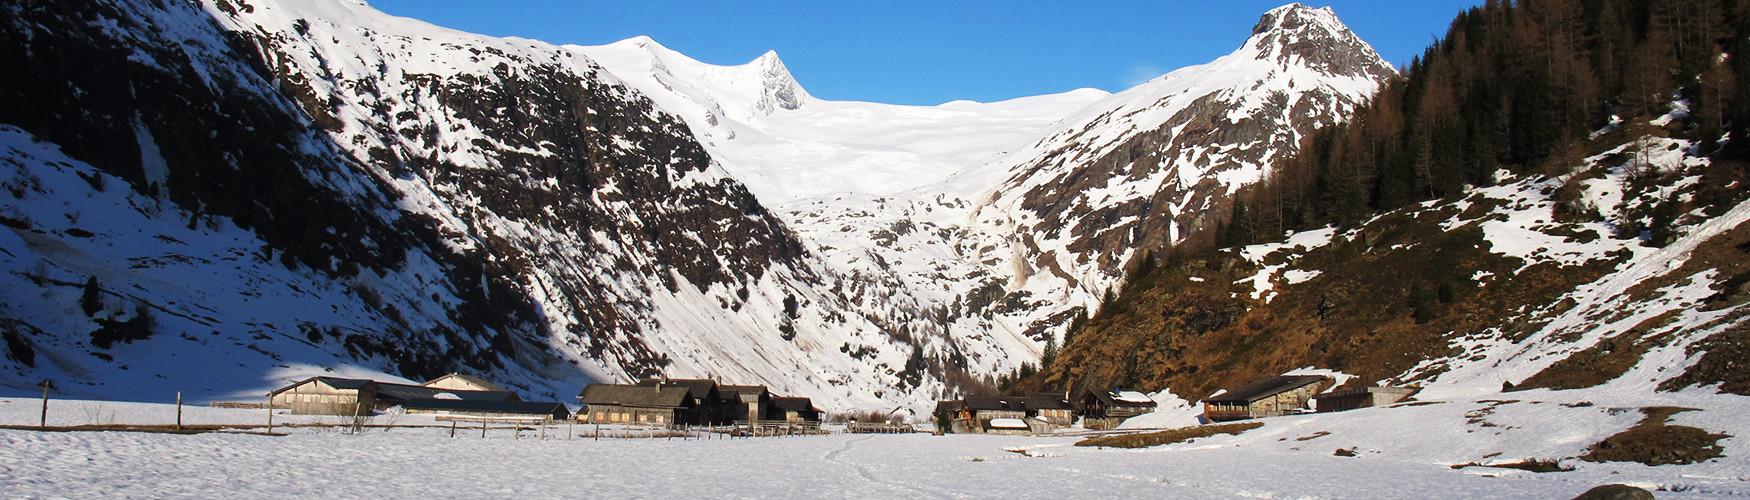 Skidurchquerung Tirol Österreich Hohe Tauern